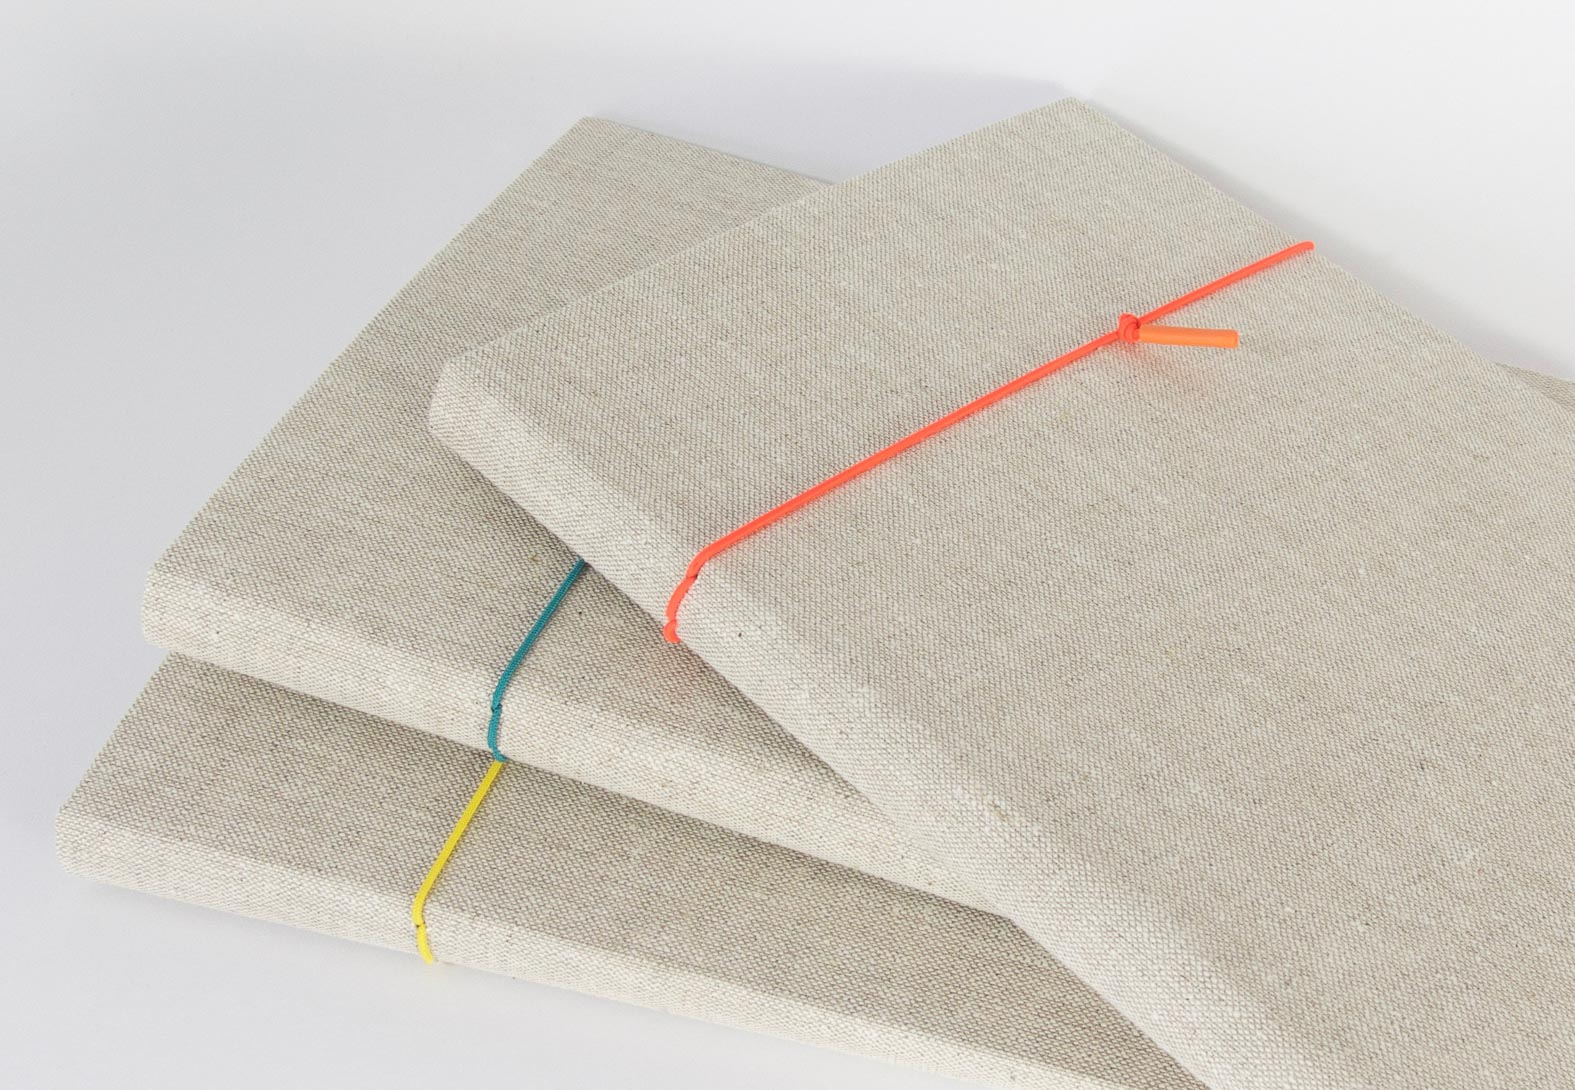 Einlegemappen mit Klemme und Einschultasche im Deckel, Verschlussband aus farbiger Gummikordel